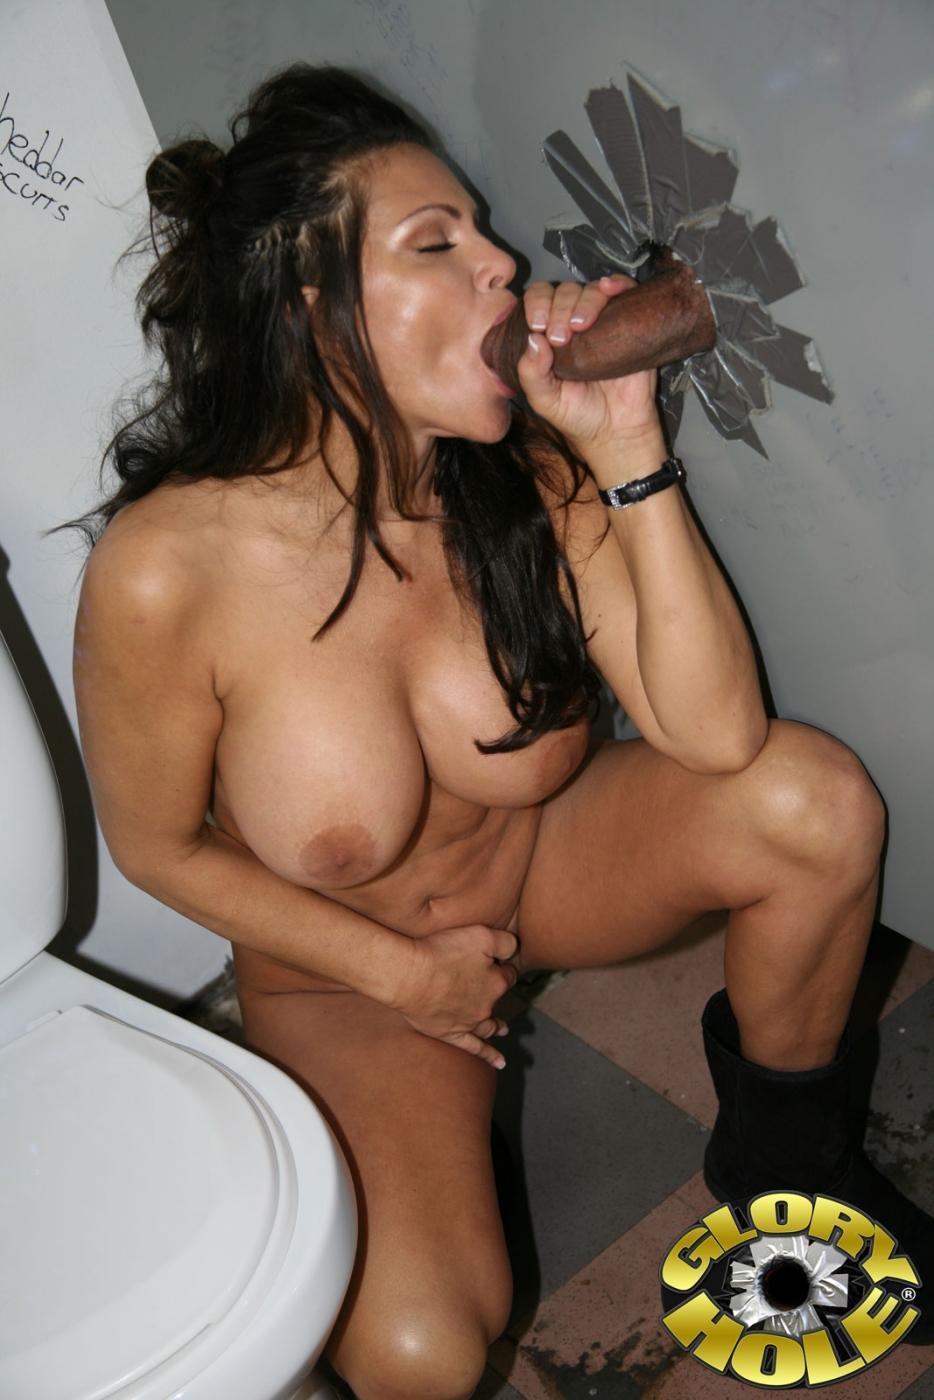 Симпатичная мамка Teri Weigel удовлетворяет черный болт в туалете